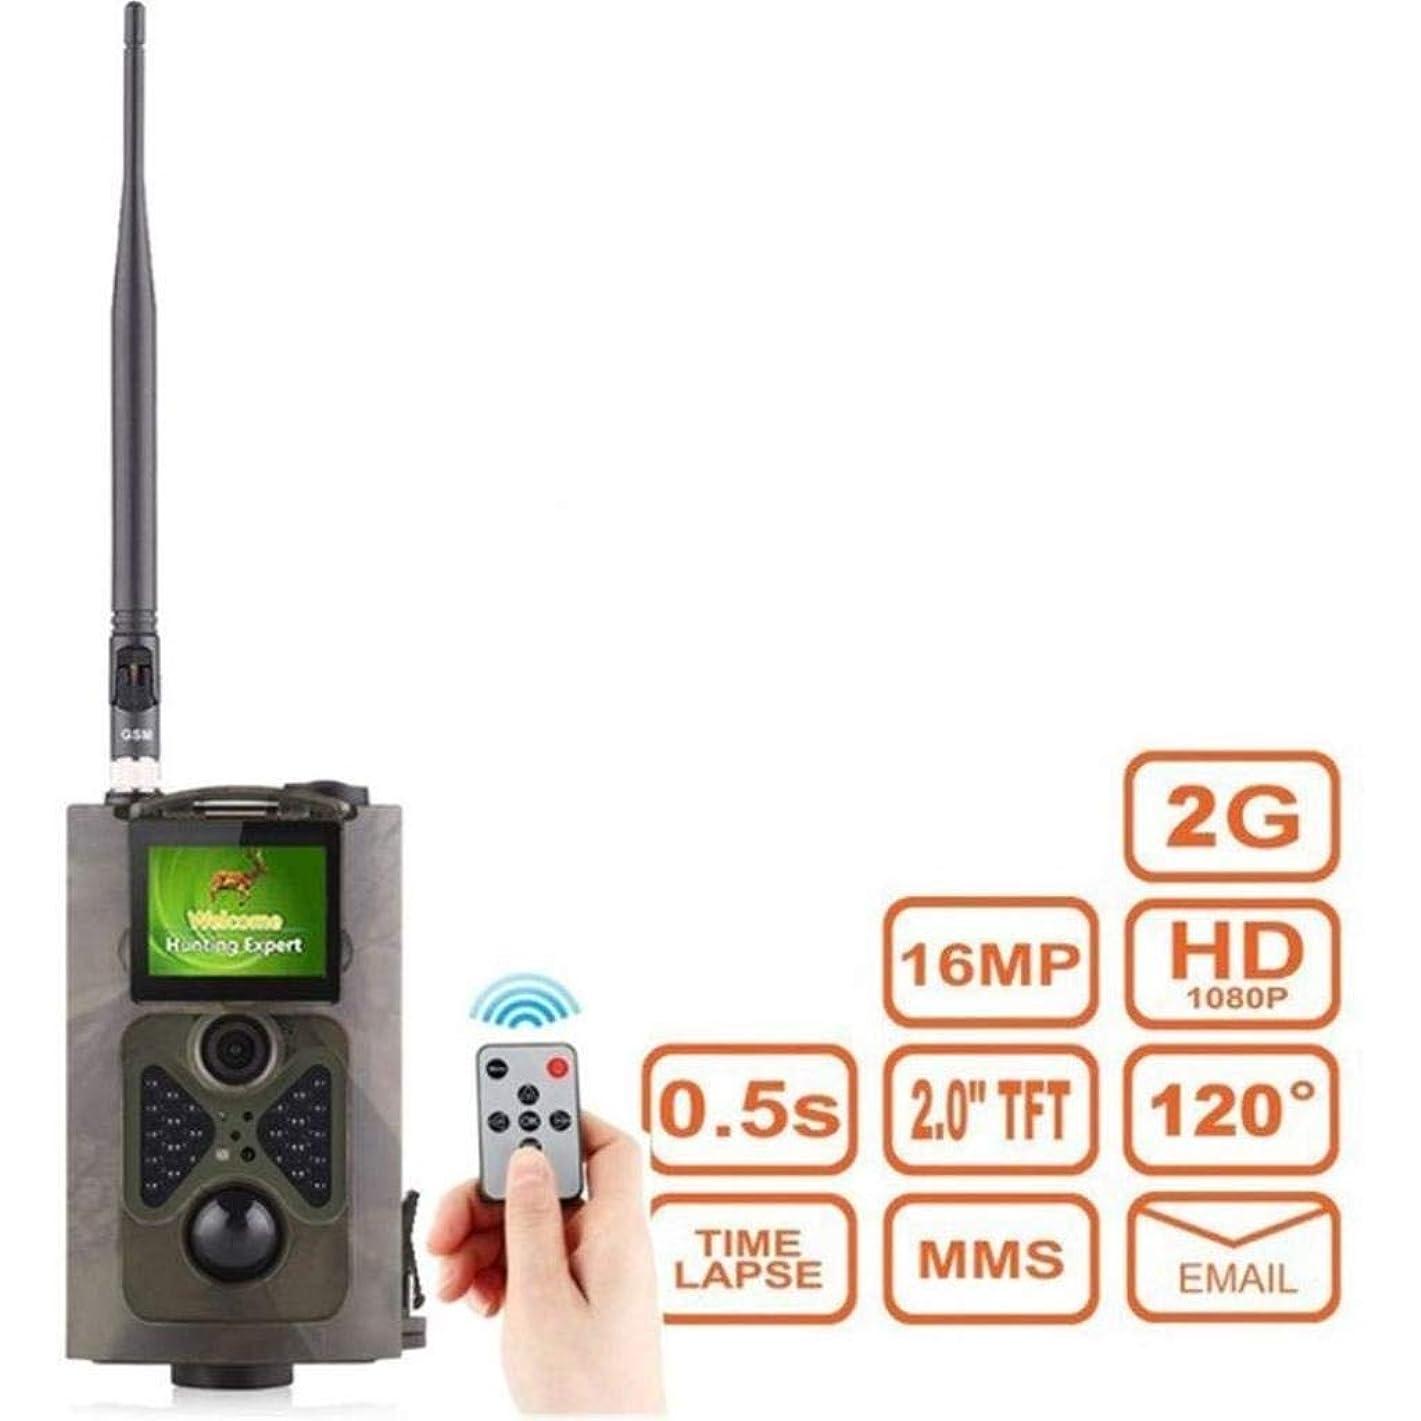 オリエント知事フェリー野生動物用カメラトラッキング16MP 1080 p 2 gフィールドキャプチャカム120°検出範囲0.5秒トリガ速度用ホームセキュリティ監視